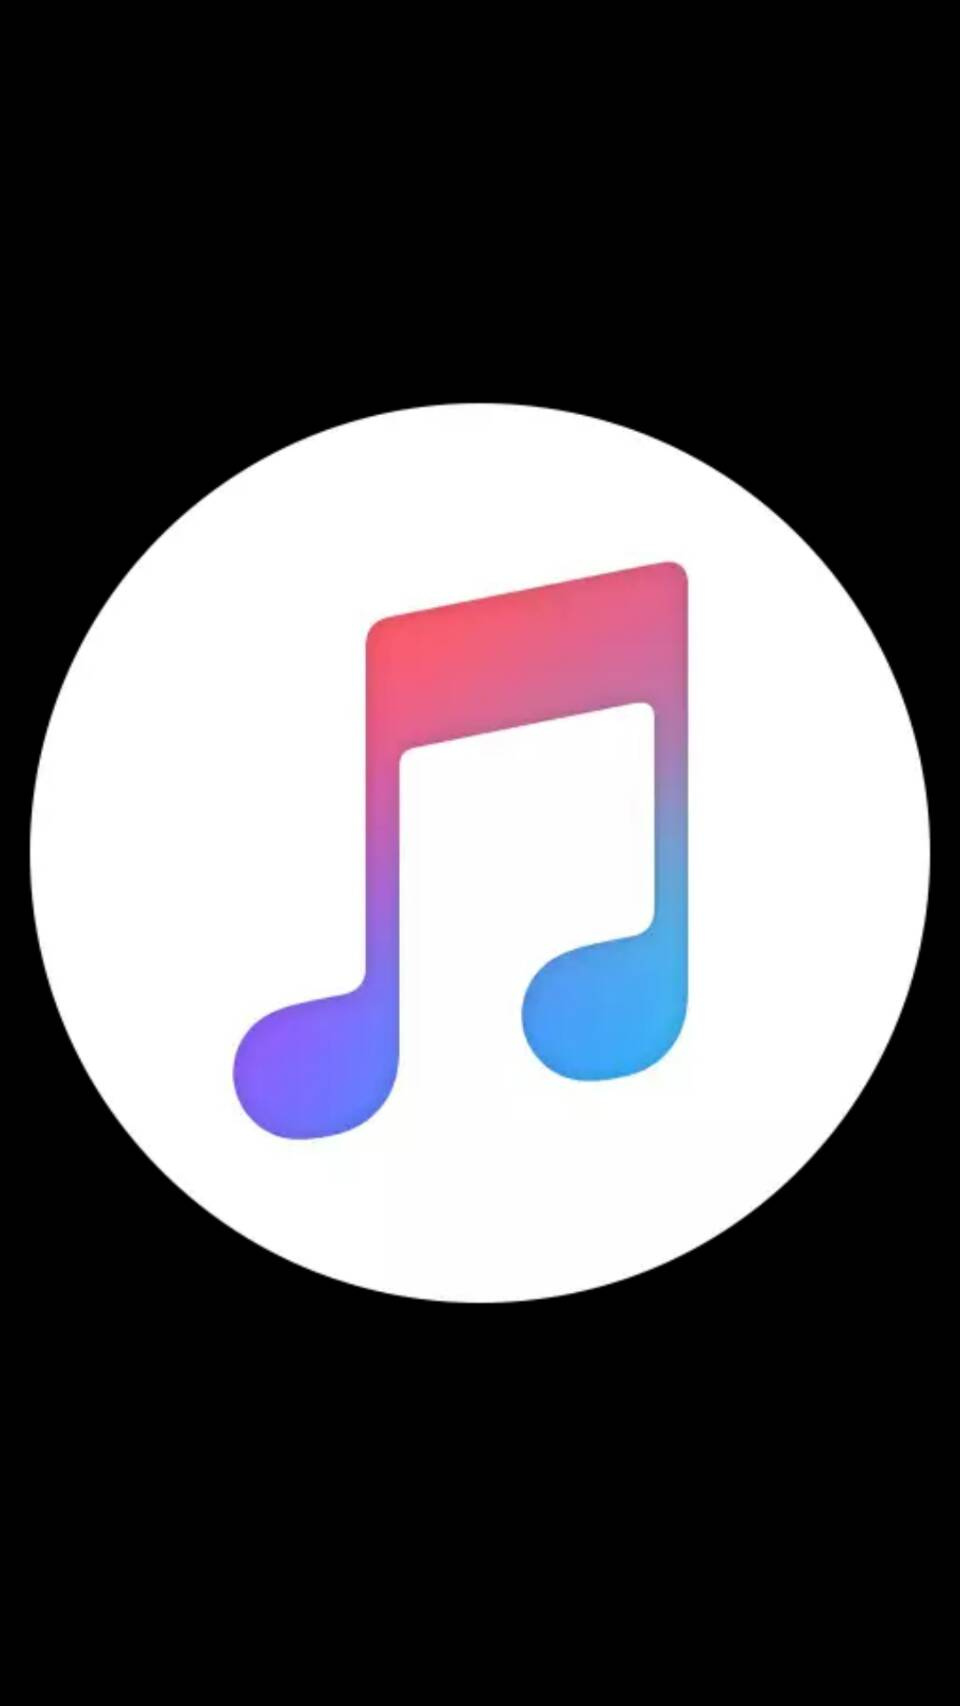 -------------付費版--------- #Apple music 適用對象:喜歡外國歌曲者 價格:一個月150元